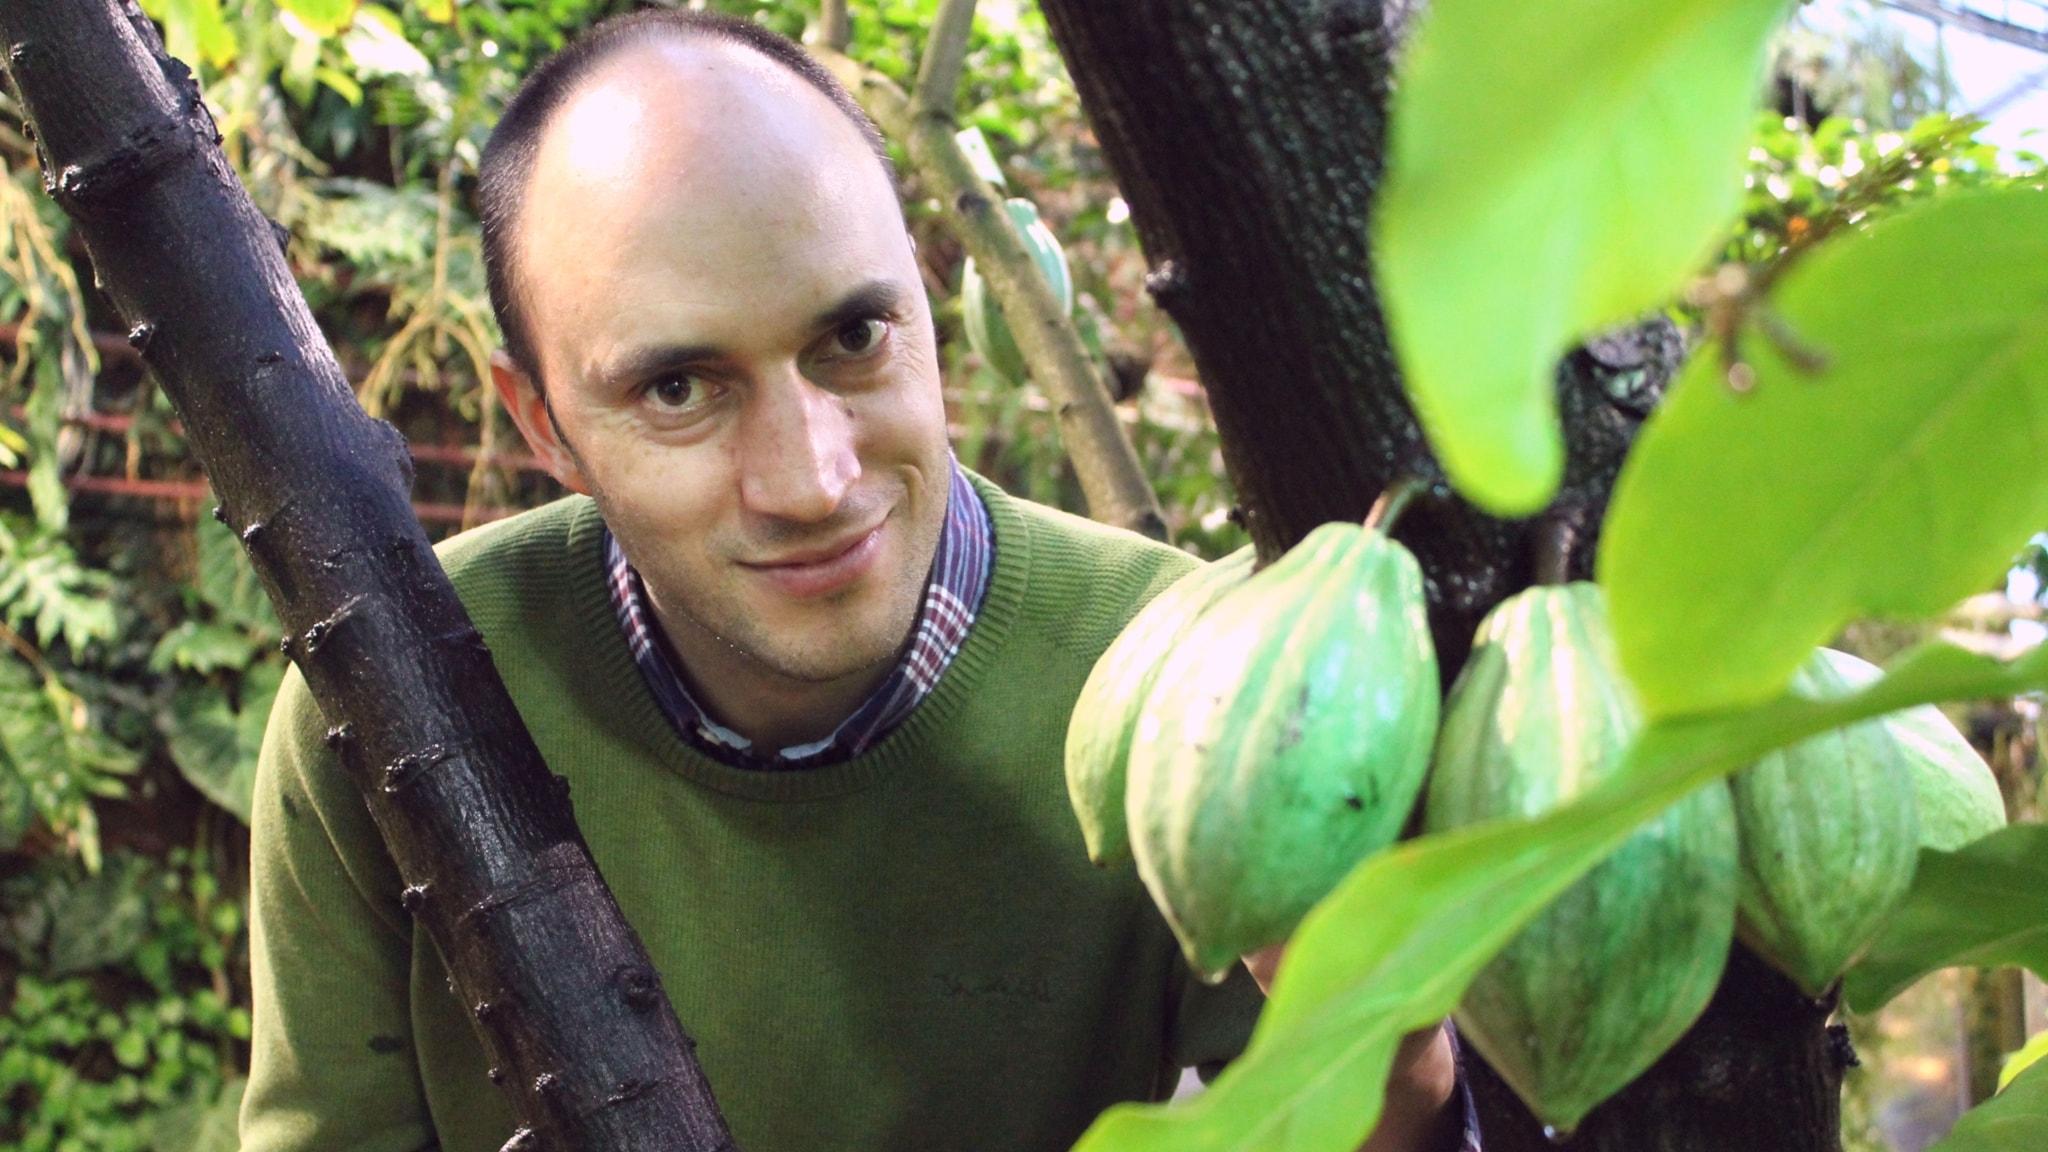 Forskaren i biologisk mångfald, Alexandre Antonelli vid ett kakaoträd i växthusen i botaniska trädgården i Göteborg.